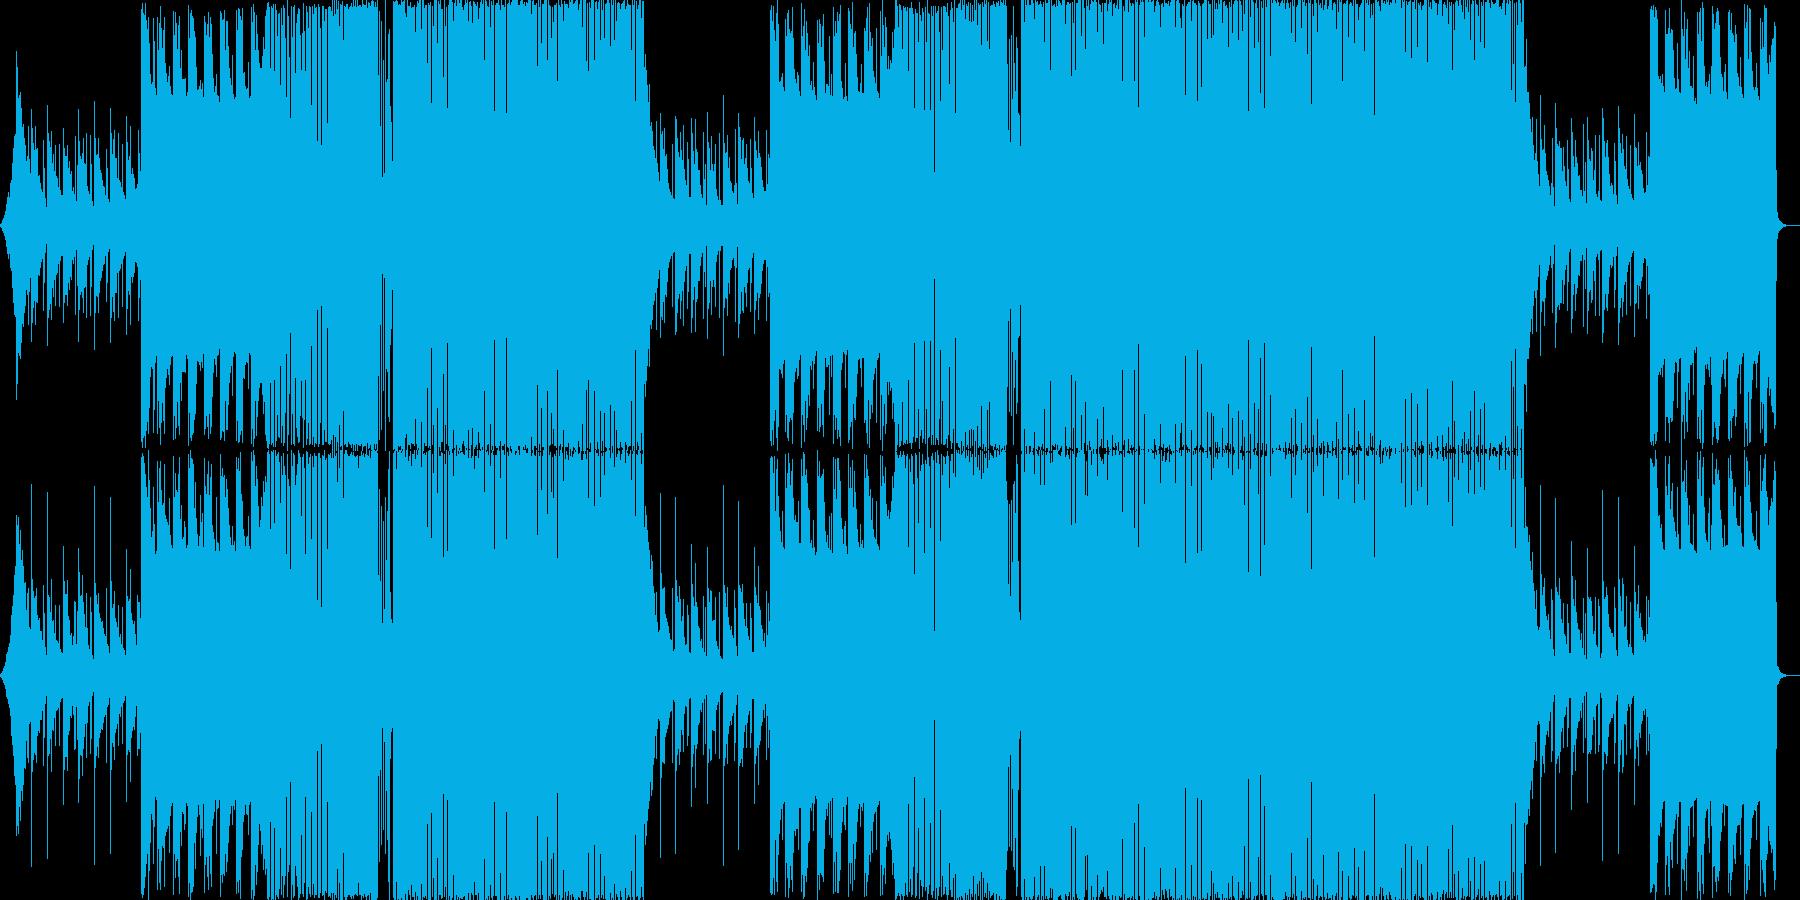 エンディング・かわいい・楽しい EDMの再生済みの波形